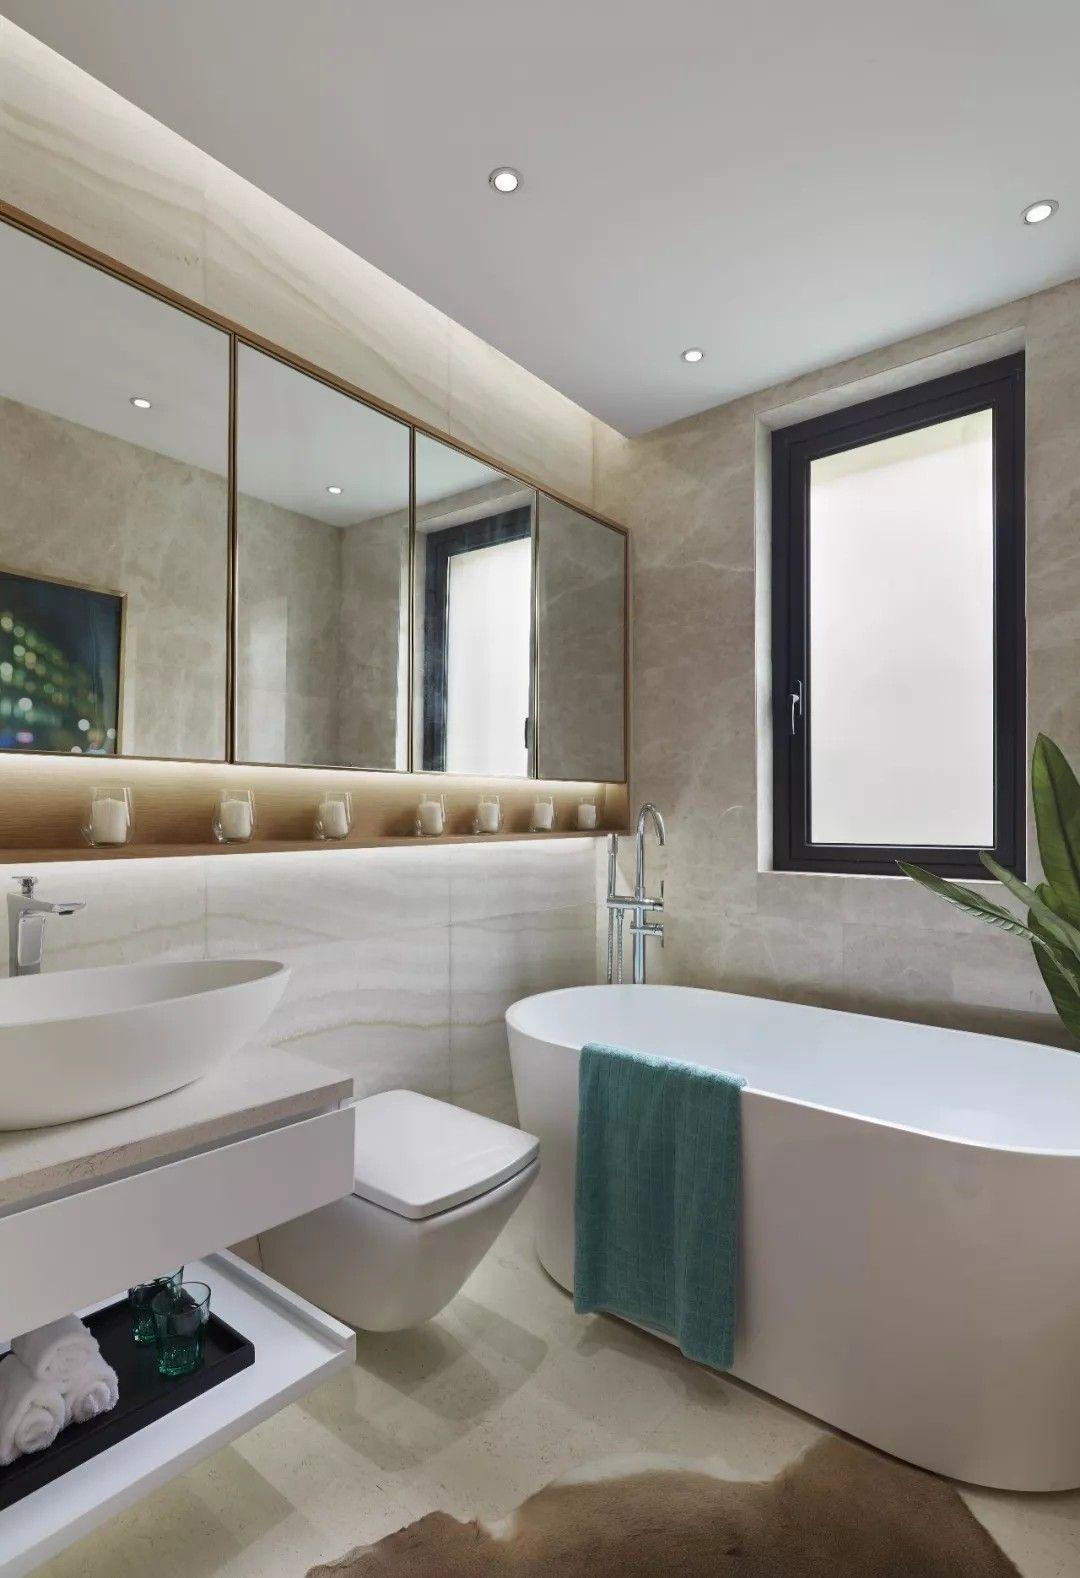 120㎡现代轻奢样板房,让精致来的刚刚好 | 昊泽空间设计